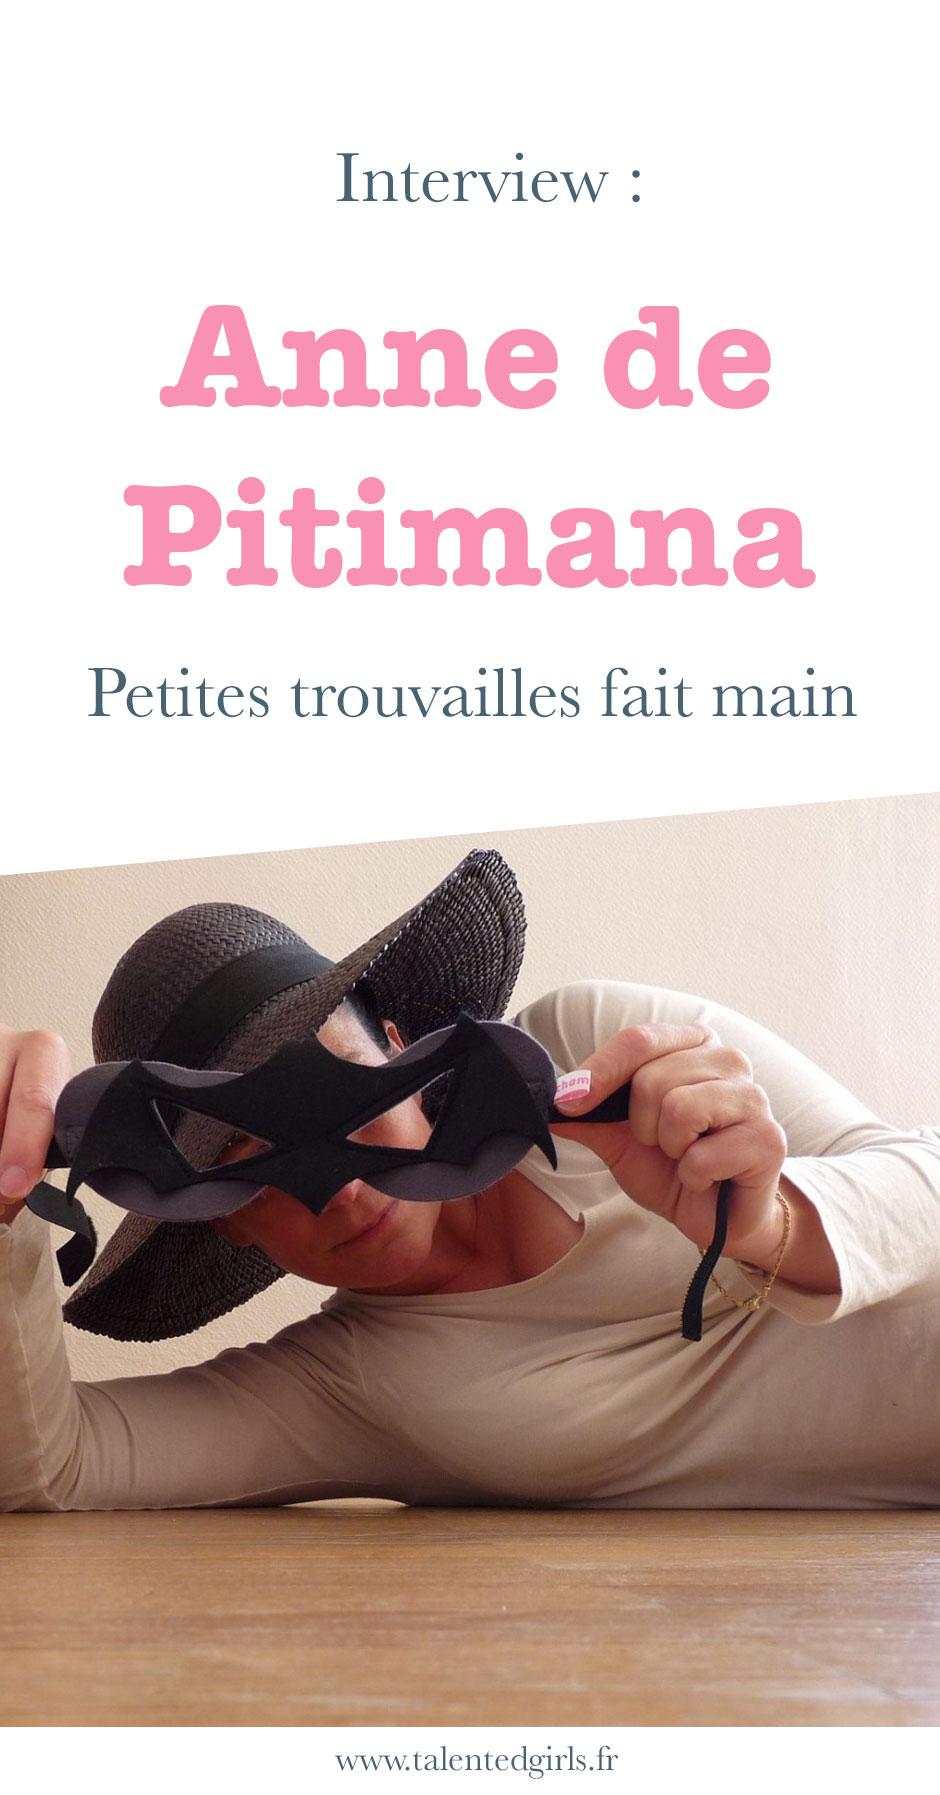 Découvrez l'histoire de Anne , la créatrice de Pitimana sur le blog⎟ Talented Girls, conseils business et ondes positives pour les femmes entrepreneures ! www.talentedgirls.fr